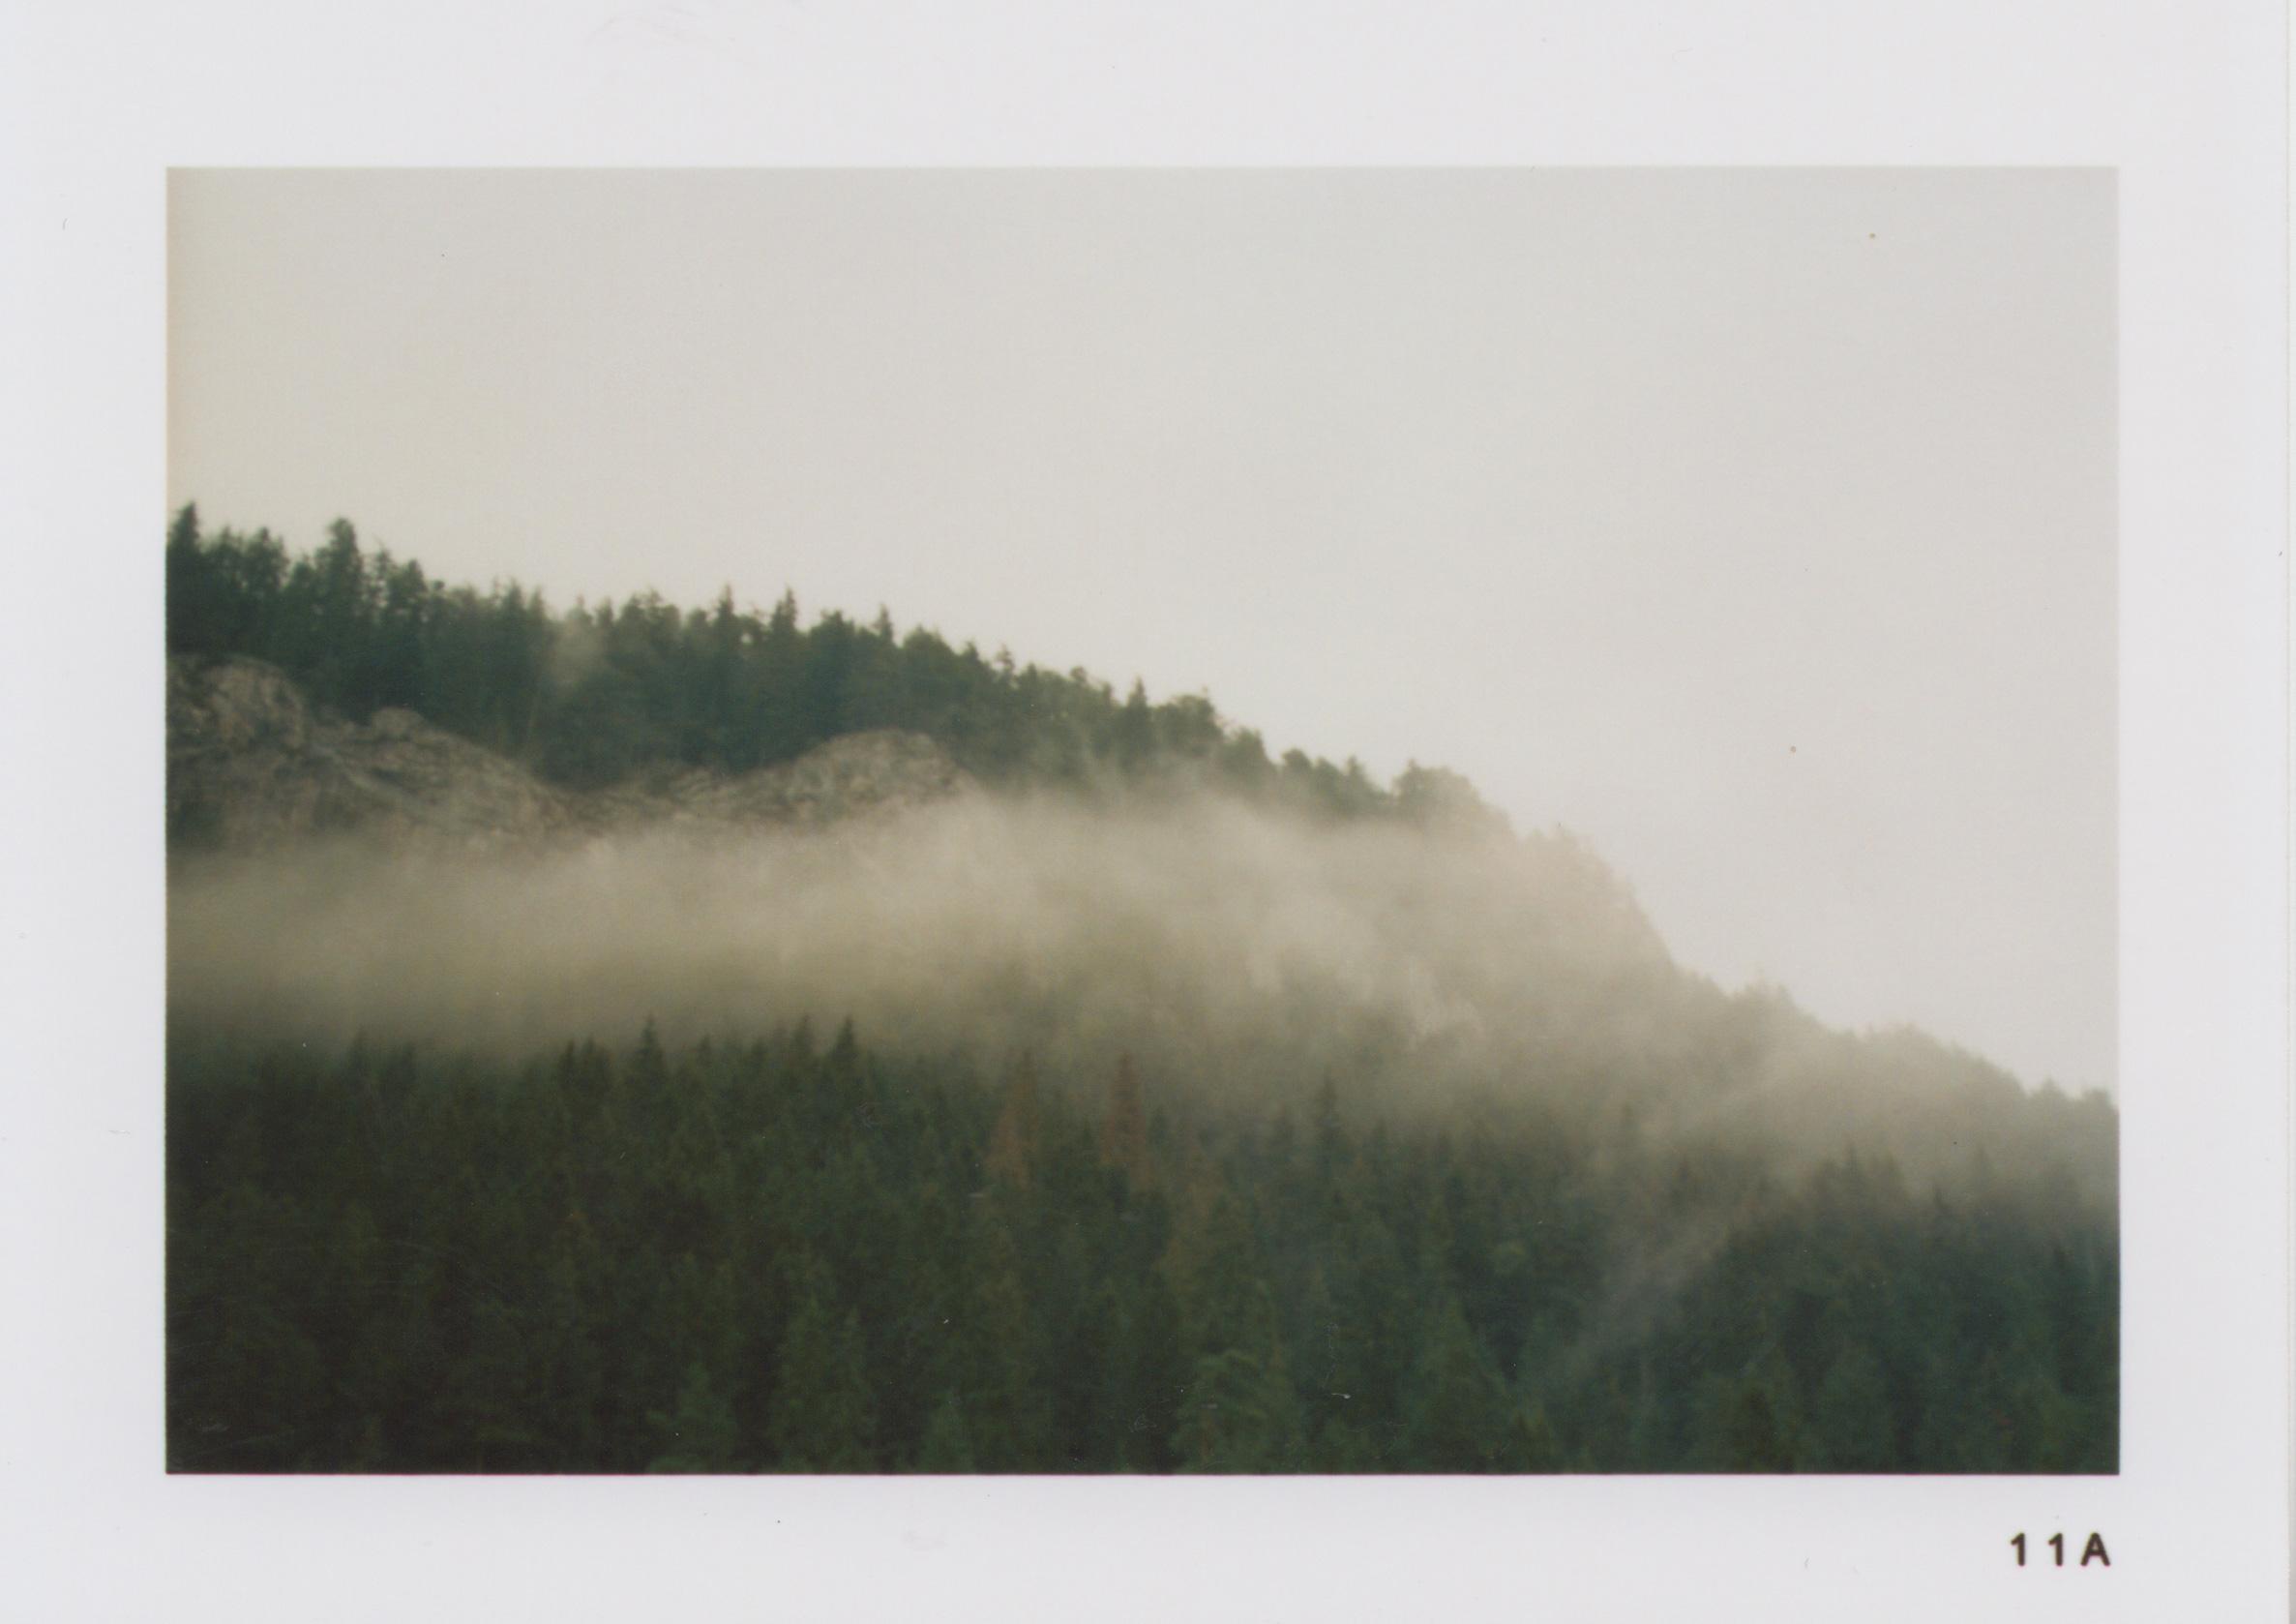 Slovakia_Scans-15.jpg